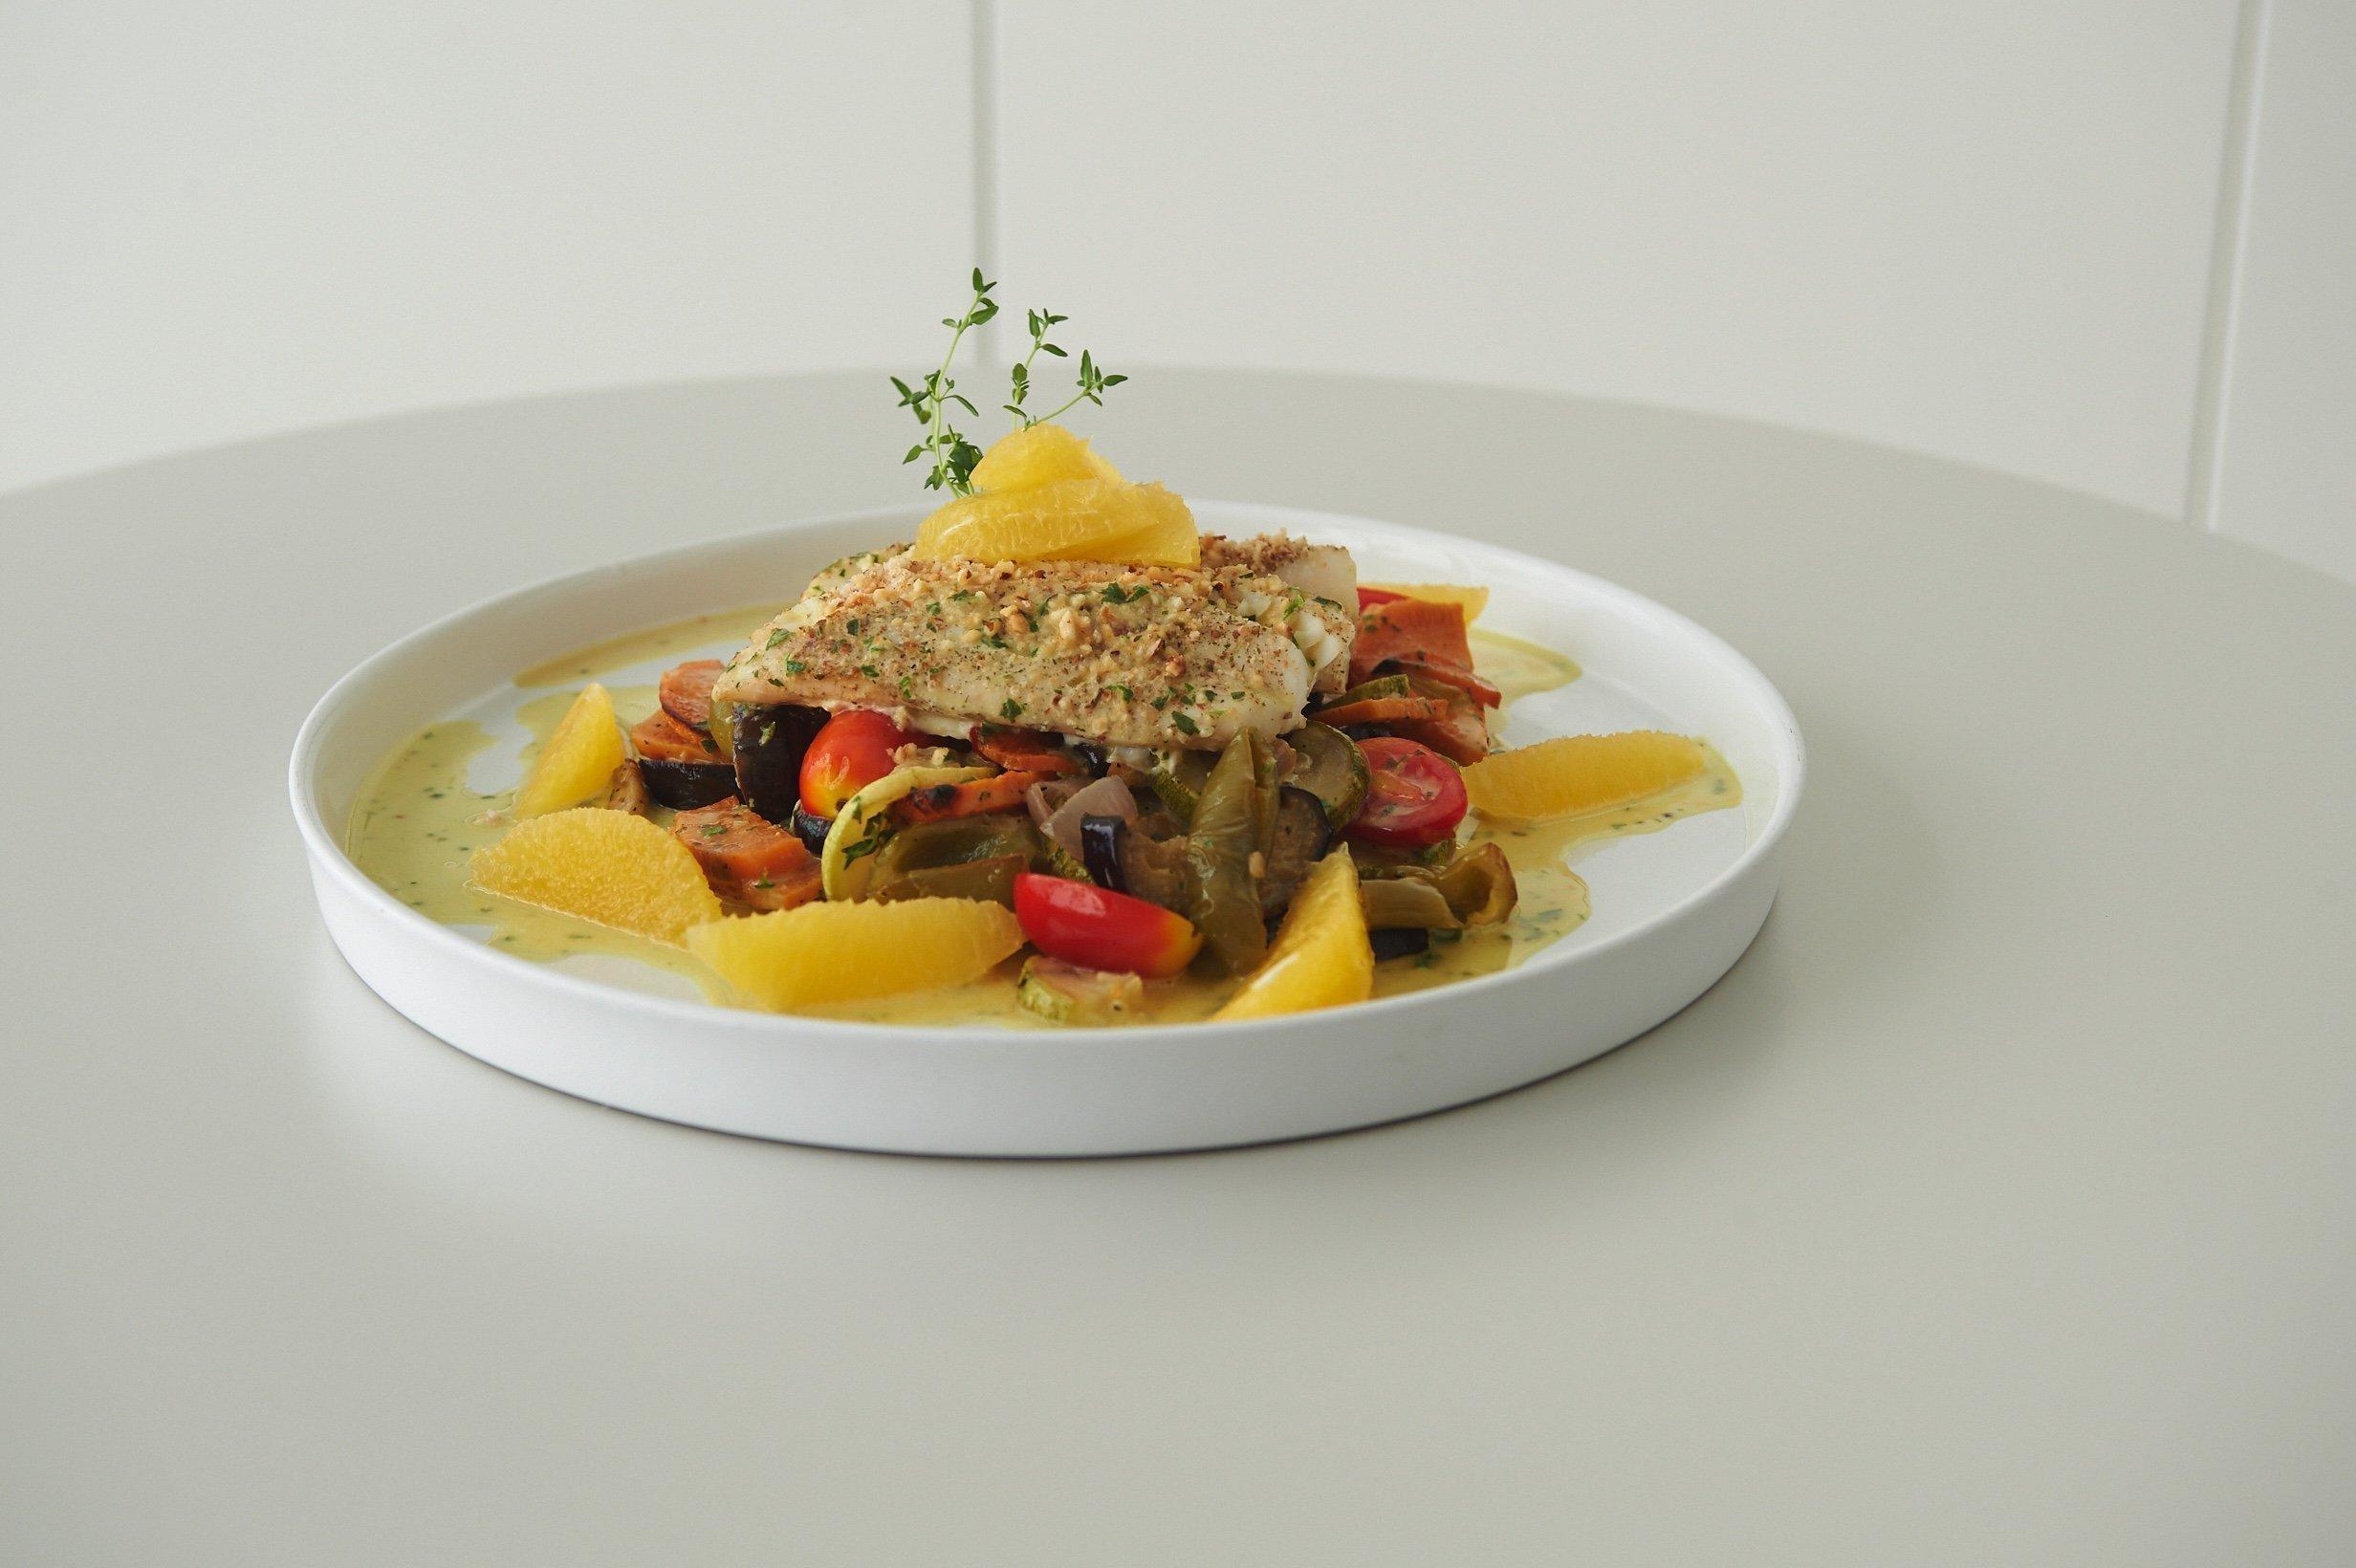 Μπακαλιάρος με κρούστα ξηρών καρπών και σάλτσα εσπεριδοειδών